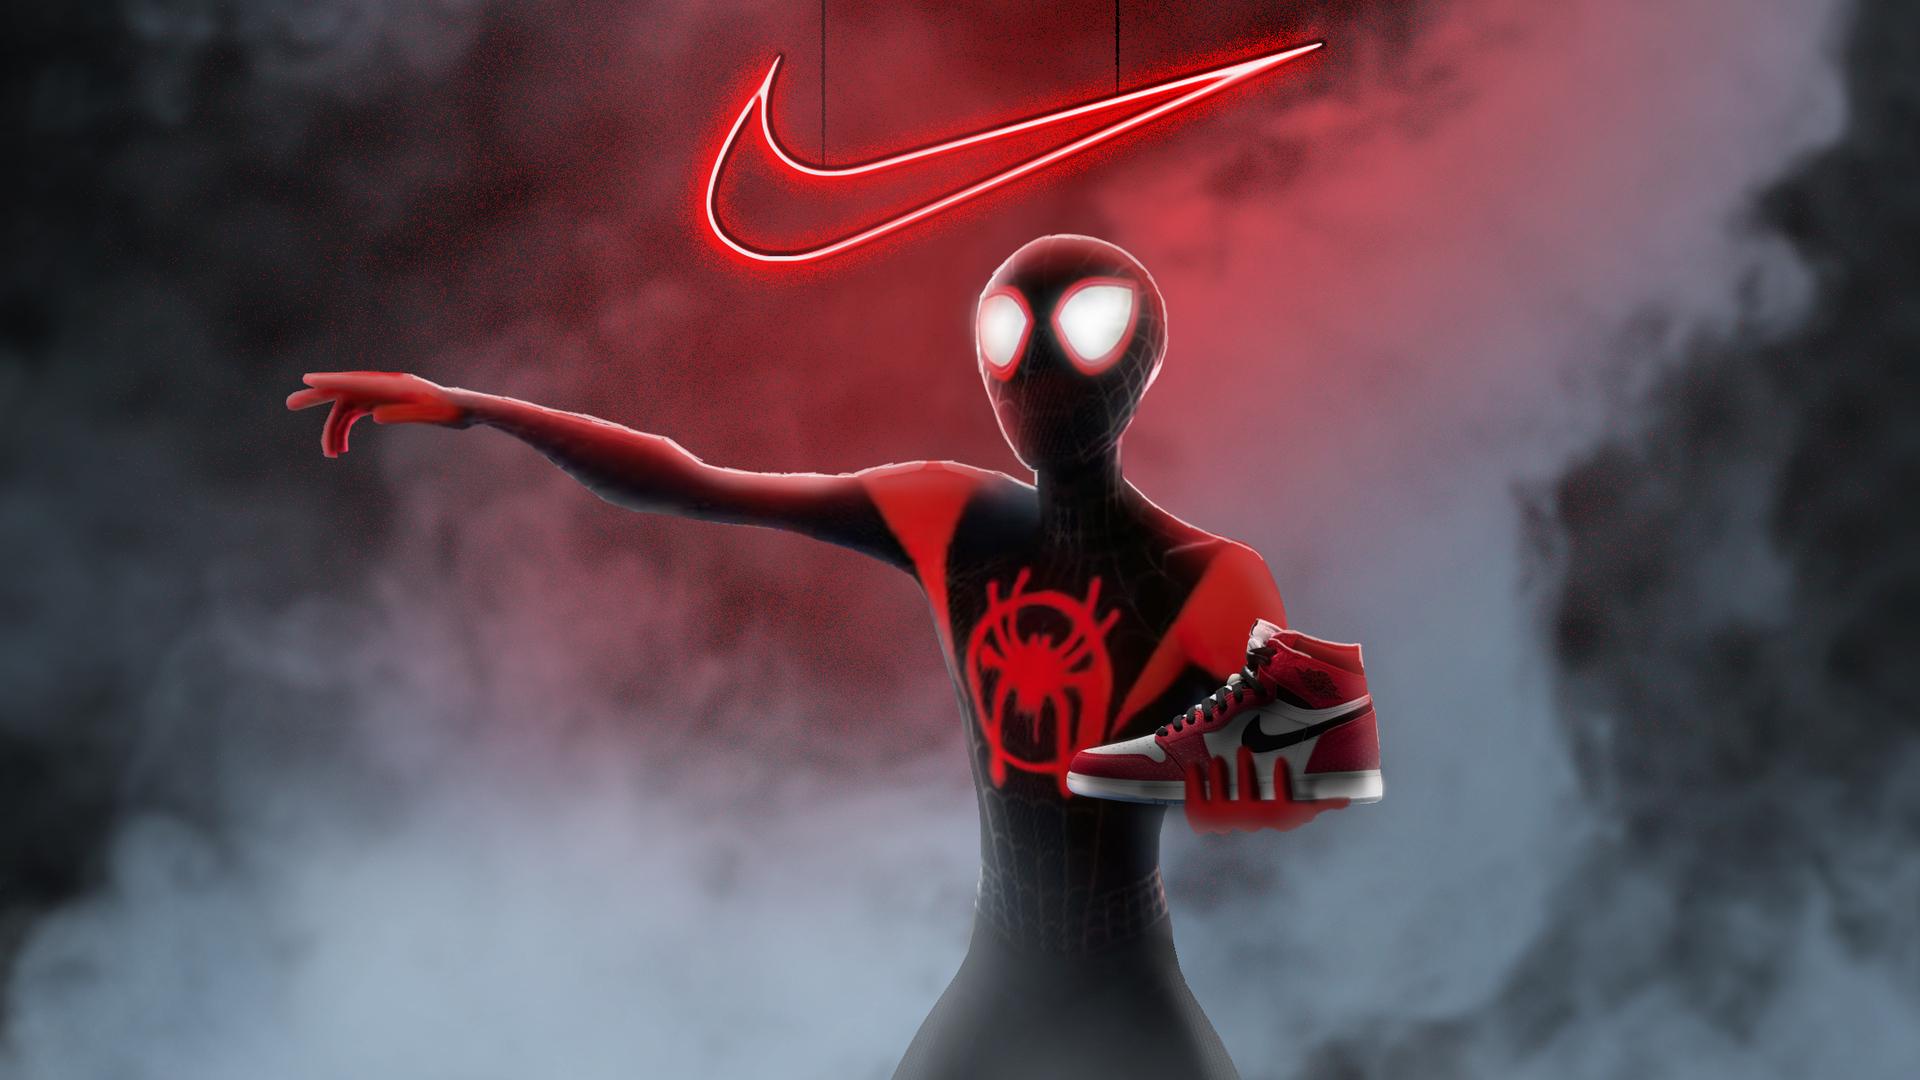 1920x1080 Spiderman Miles Morales Nike